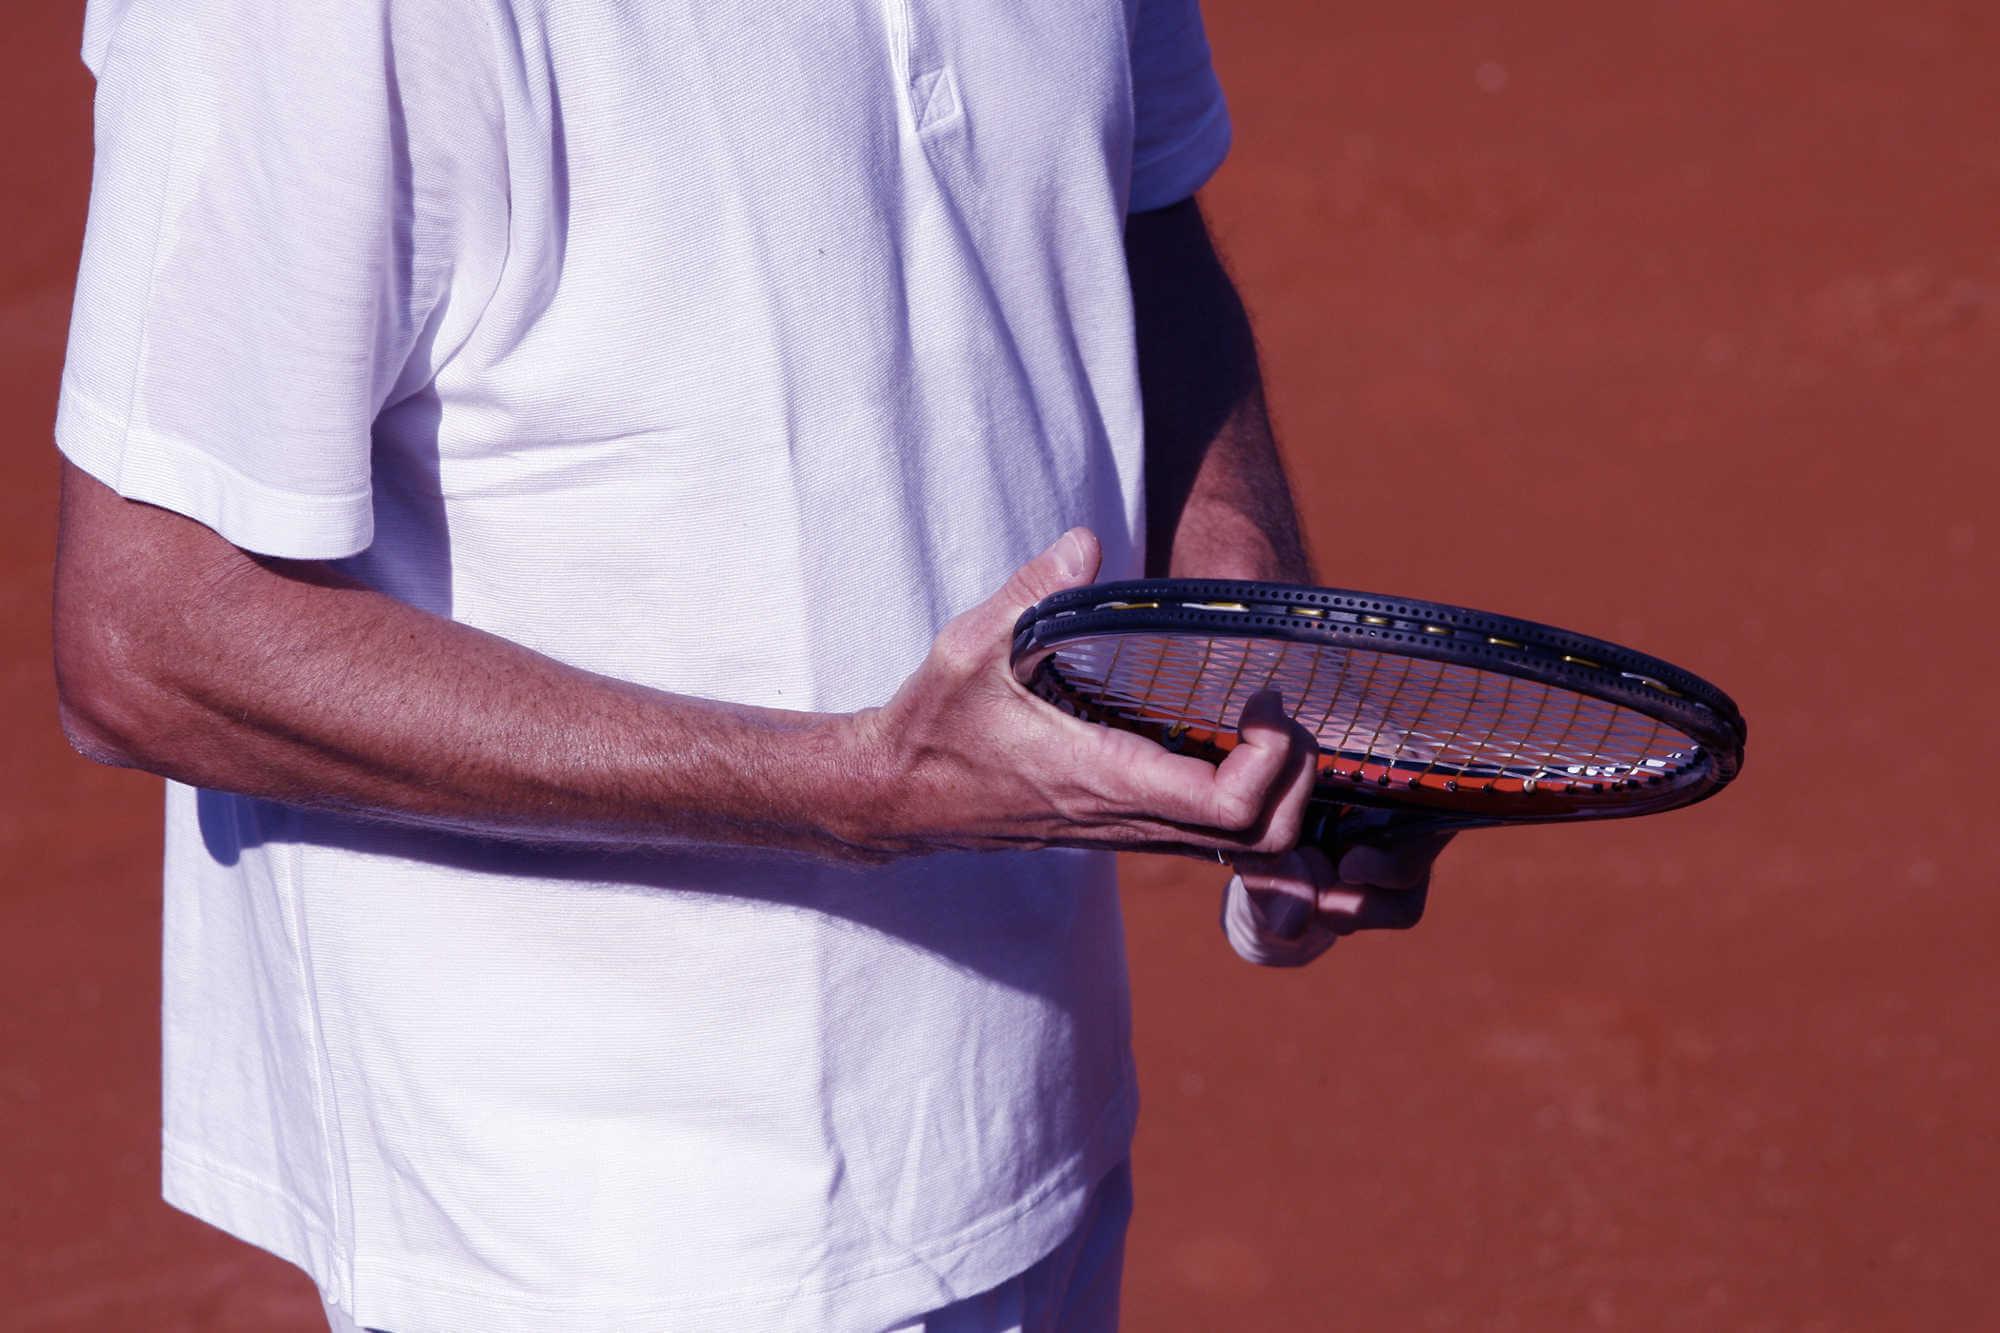 Tennis : raquettes, balles, chaussures, comment bien choisir son équipement ?